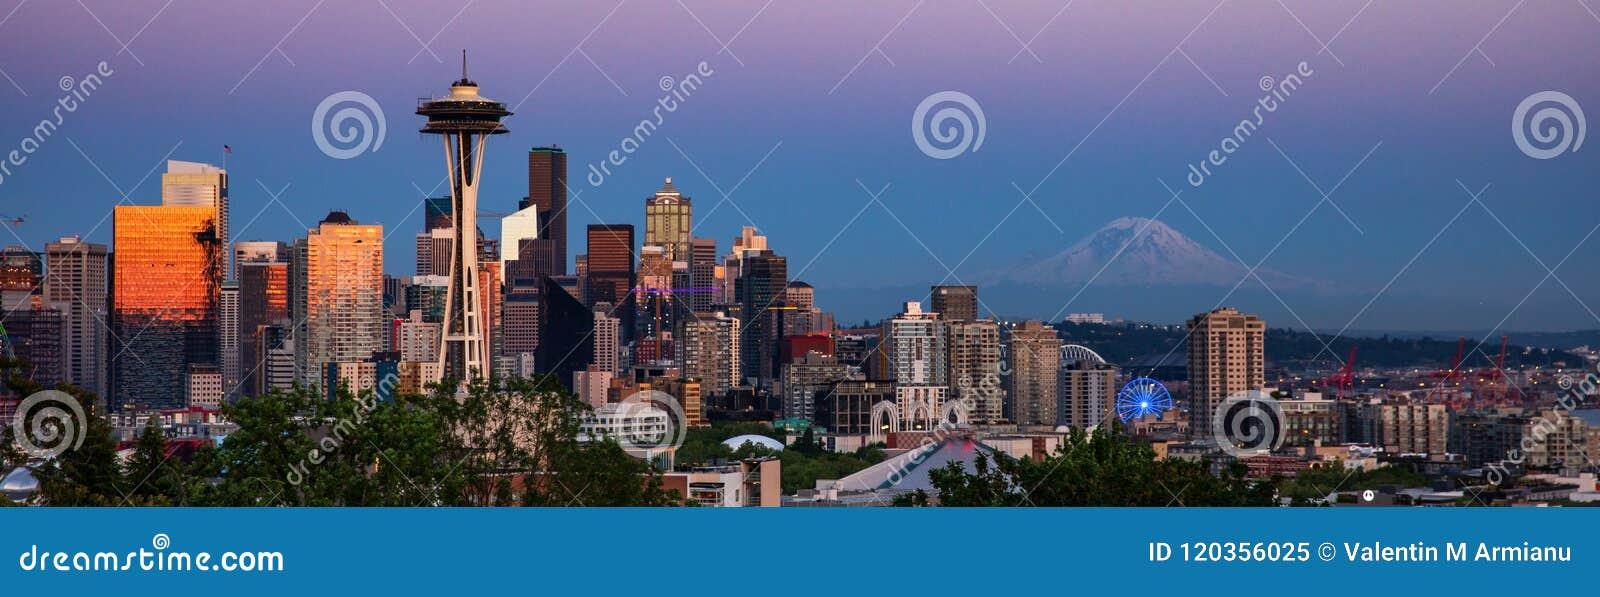 Skyline de Seattle